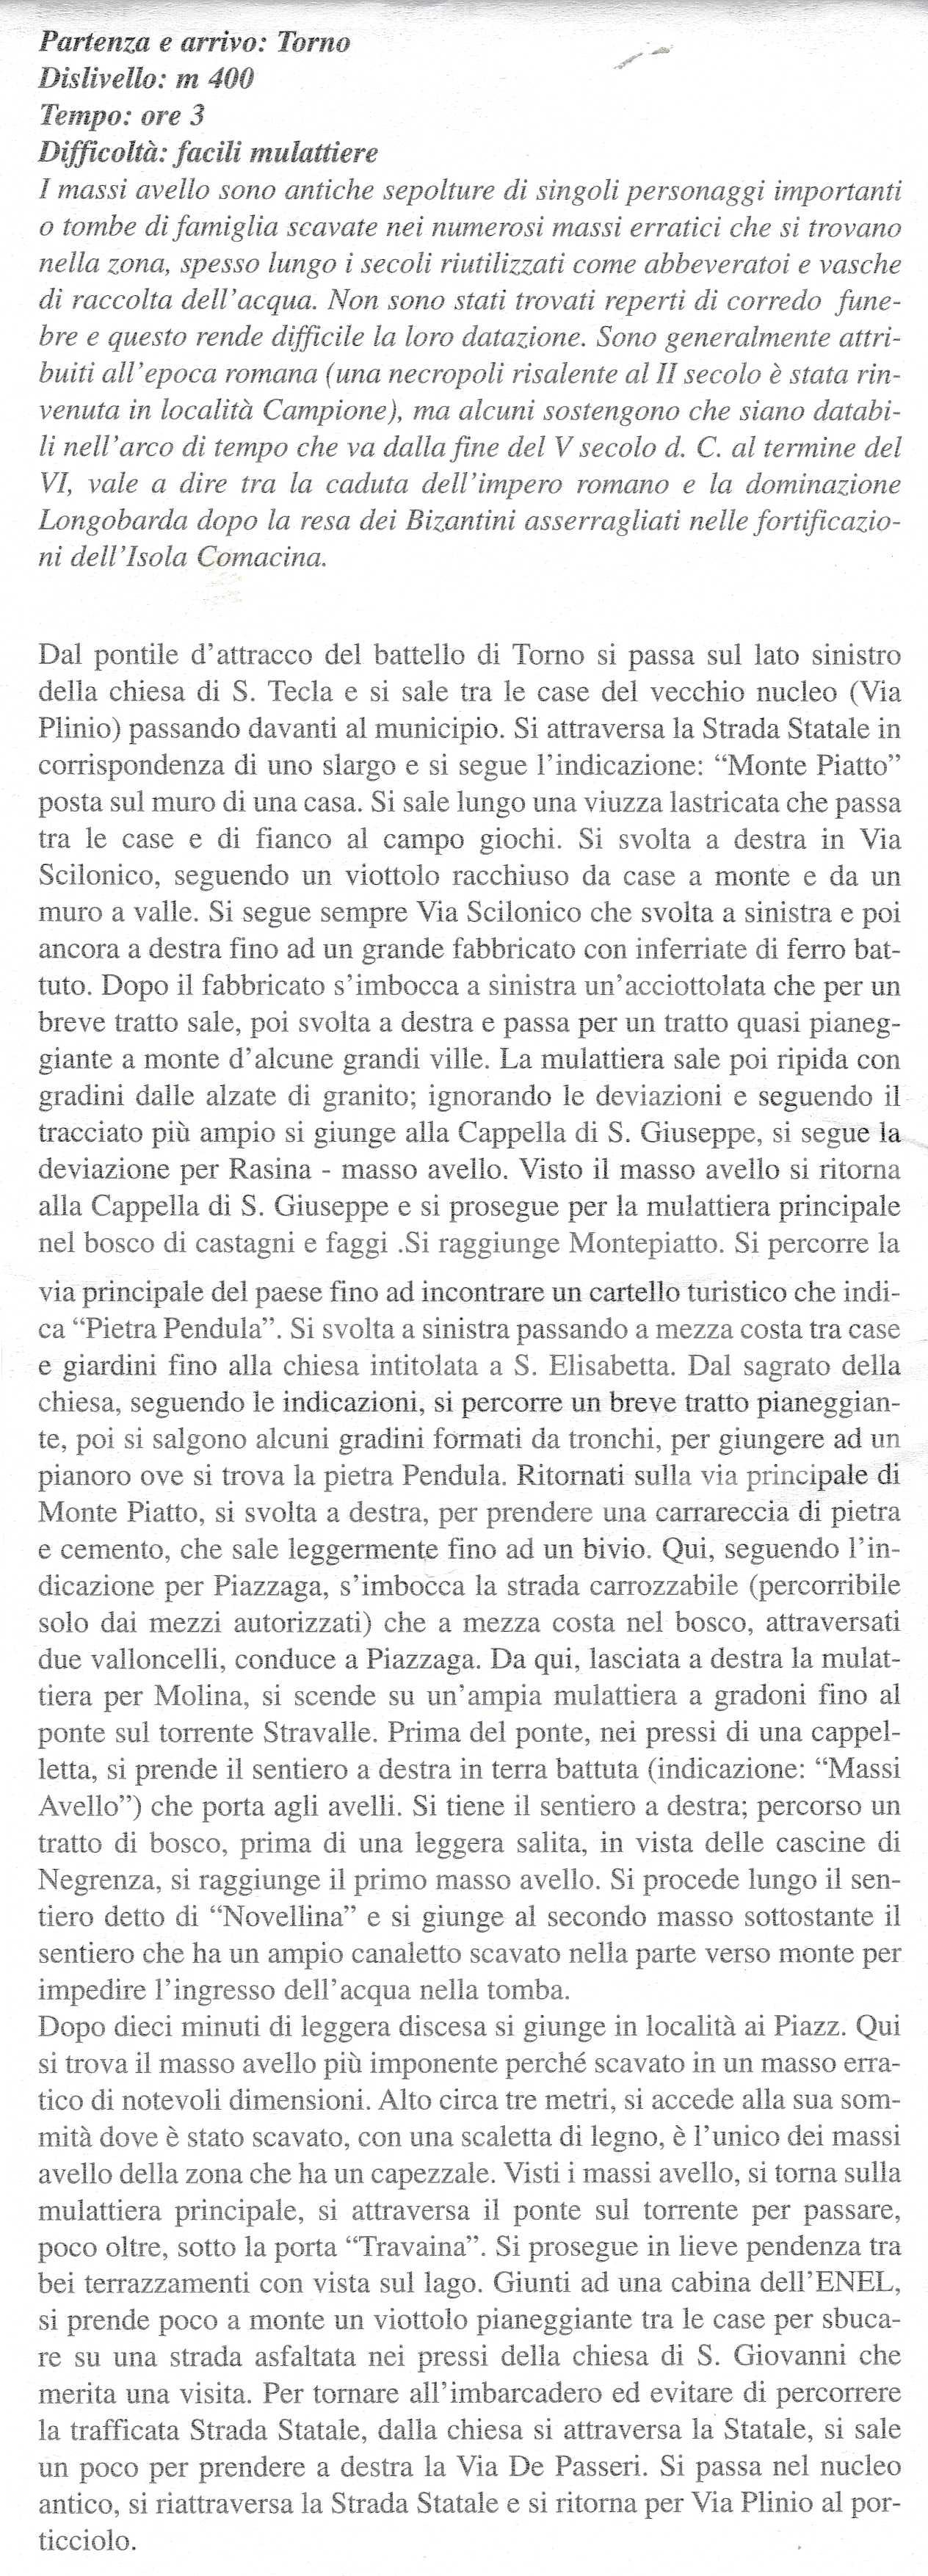 MASSI AVELLI1873